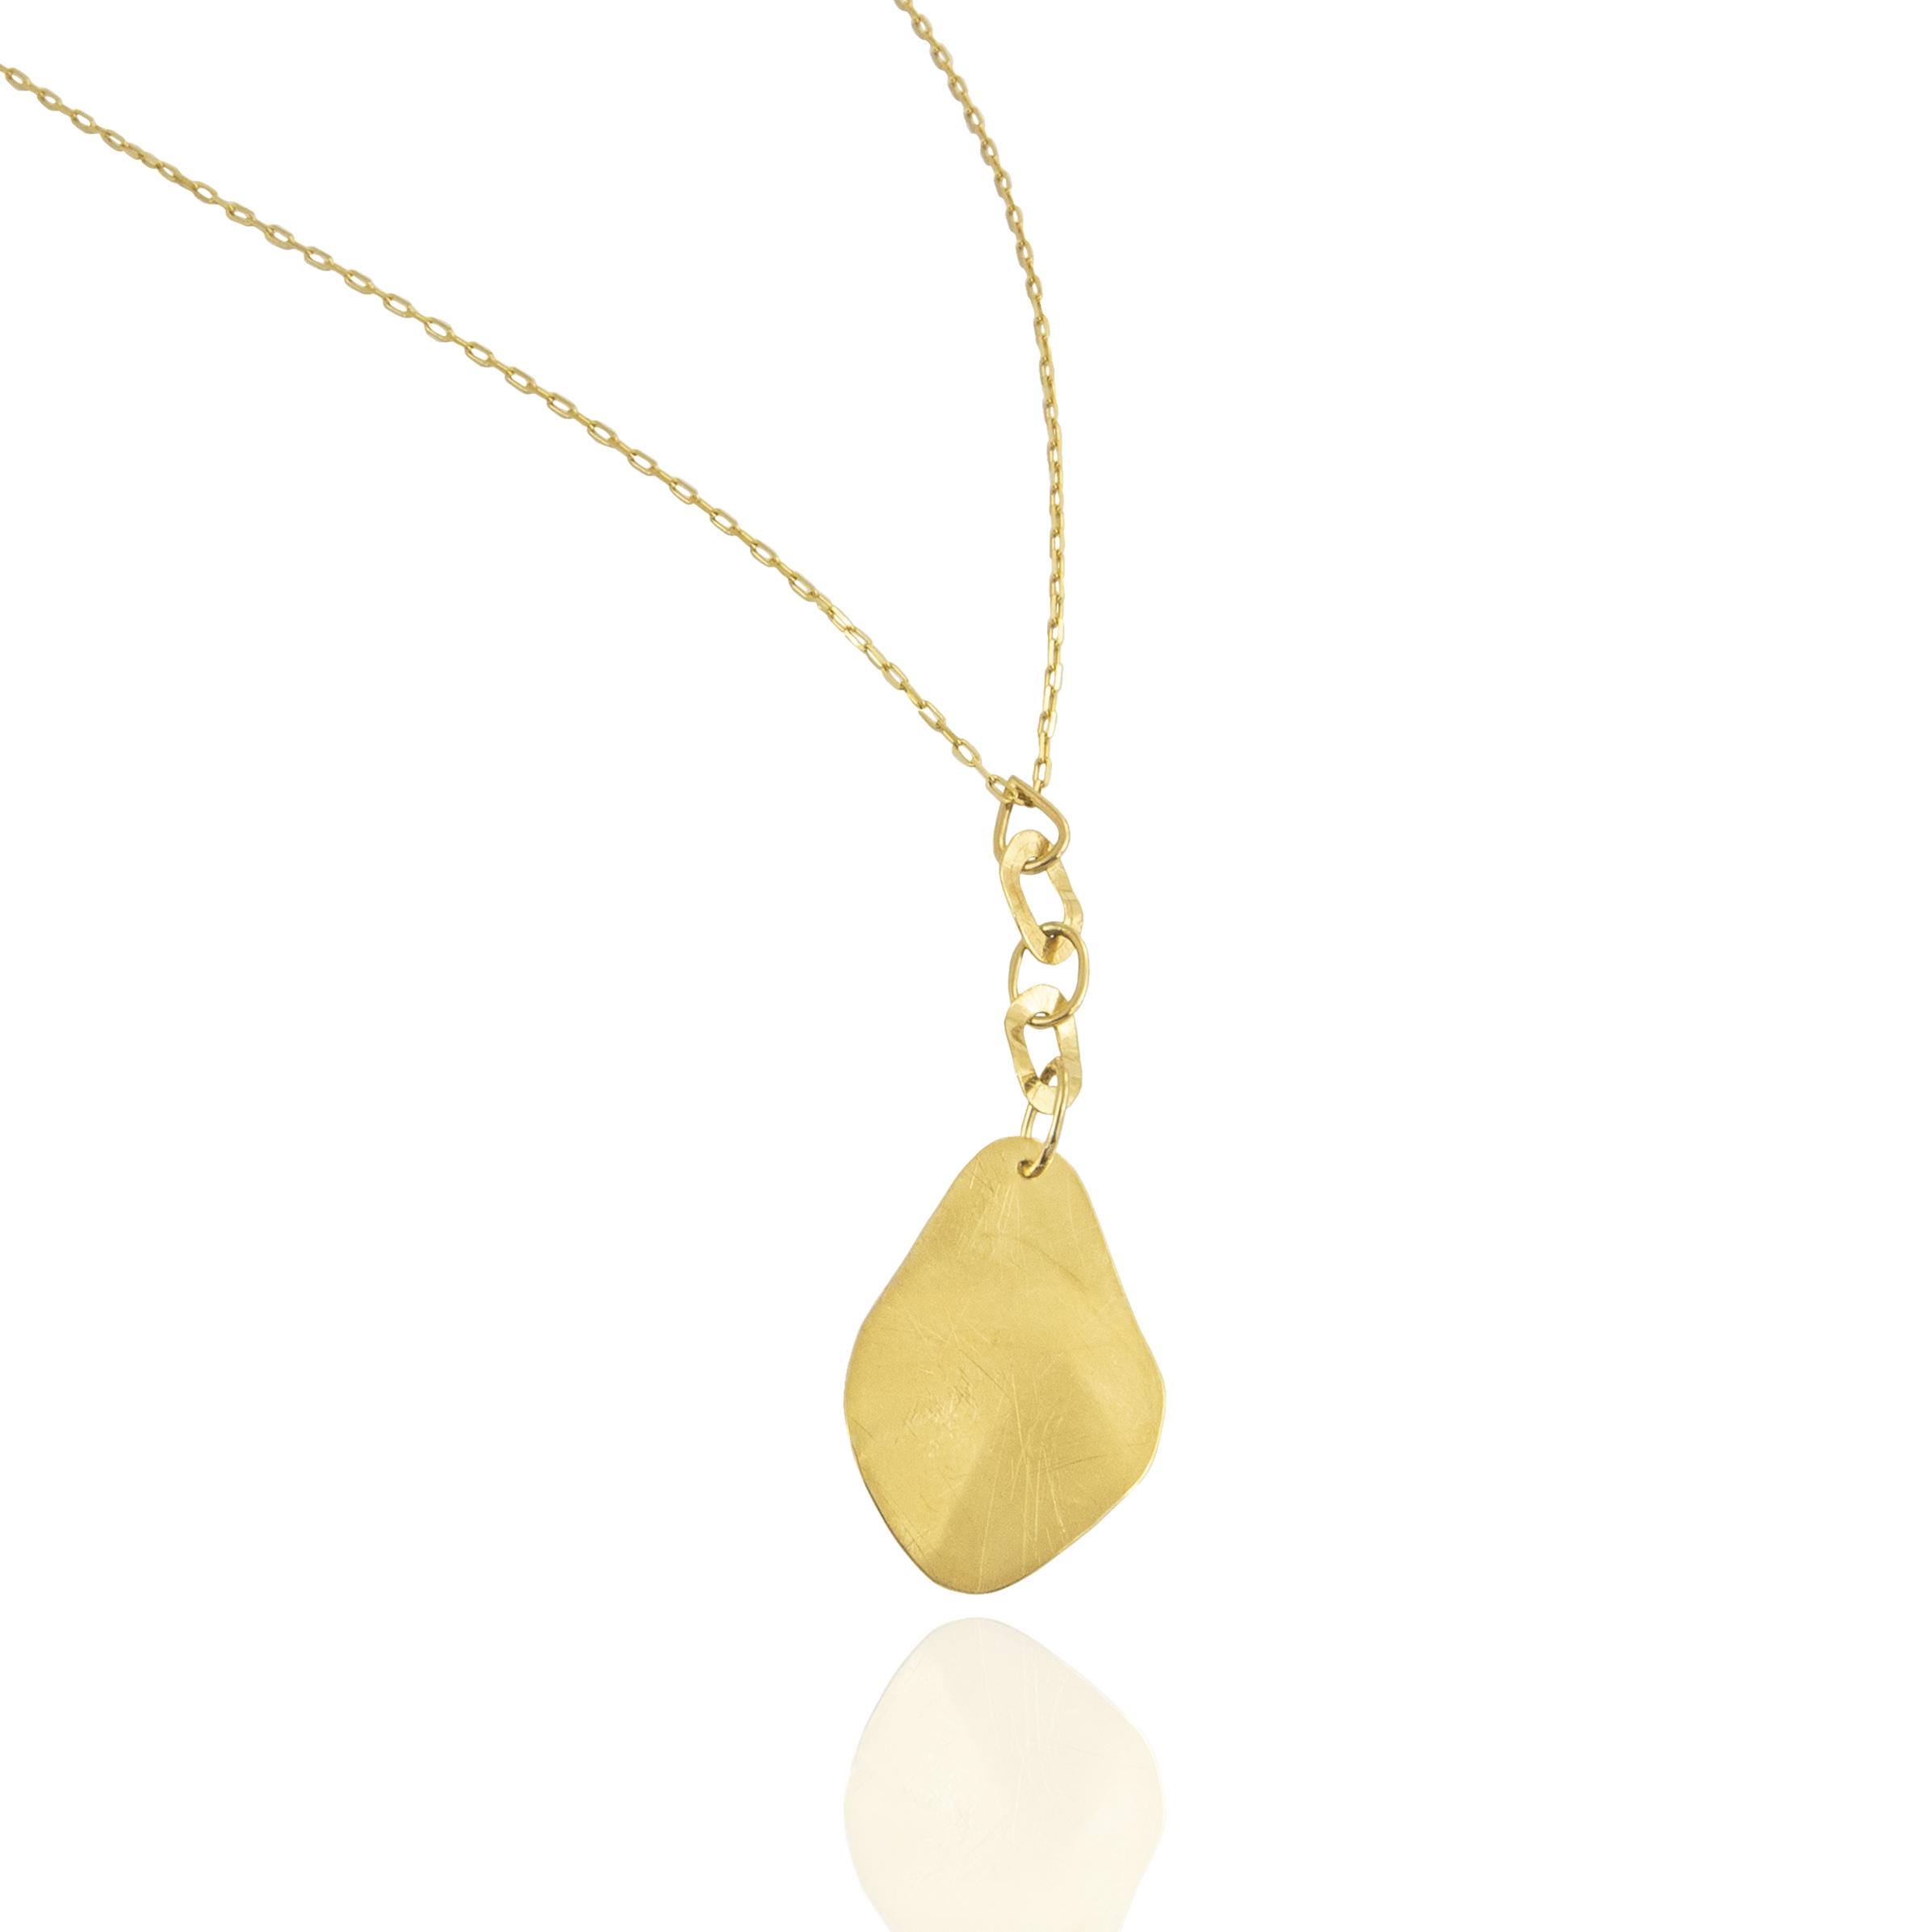 trembling shine gold pendant